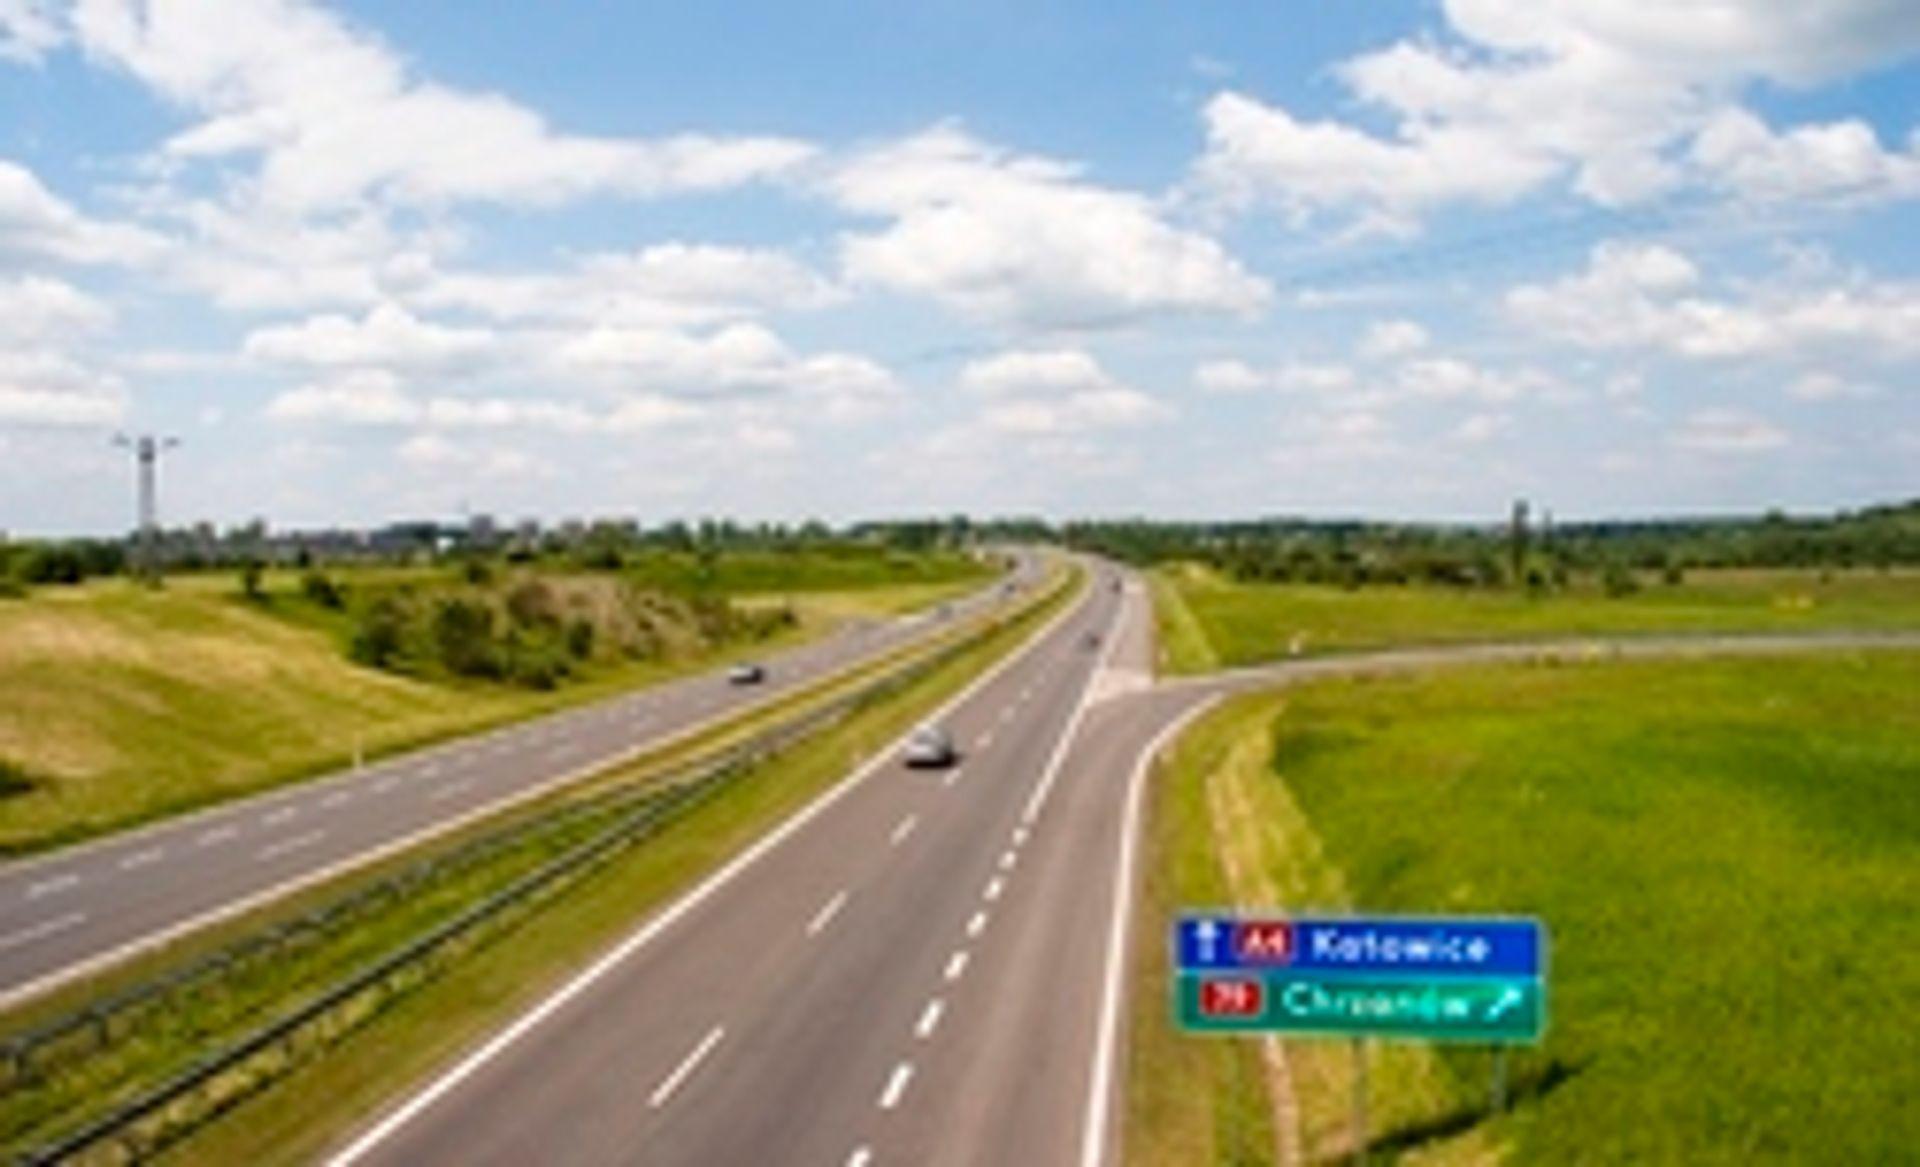 [śląskie] A4 Katowice-Kraków przygotowana do Euro 2012